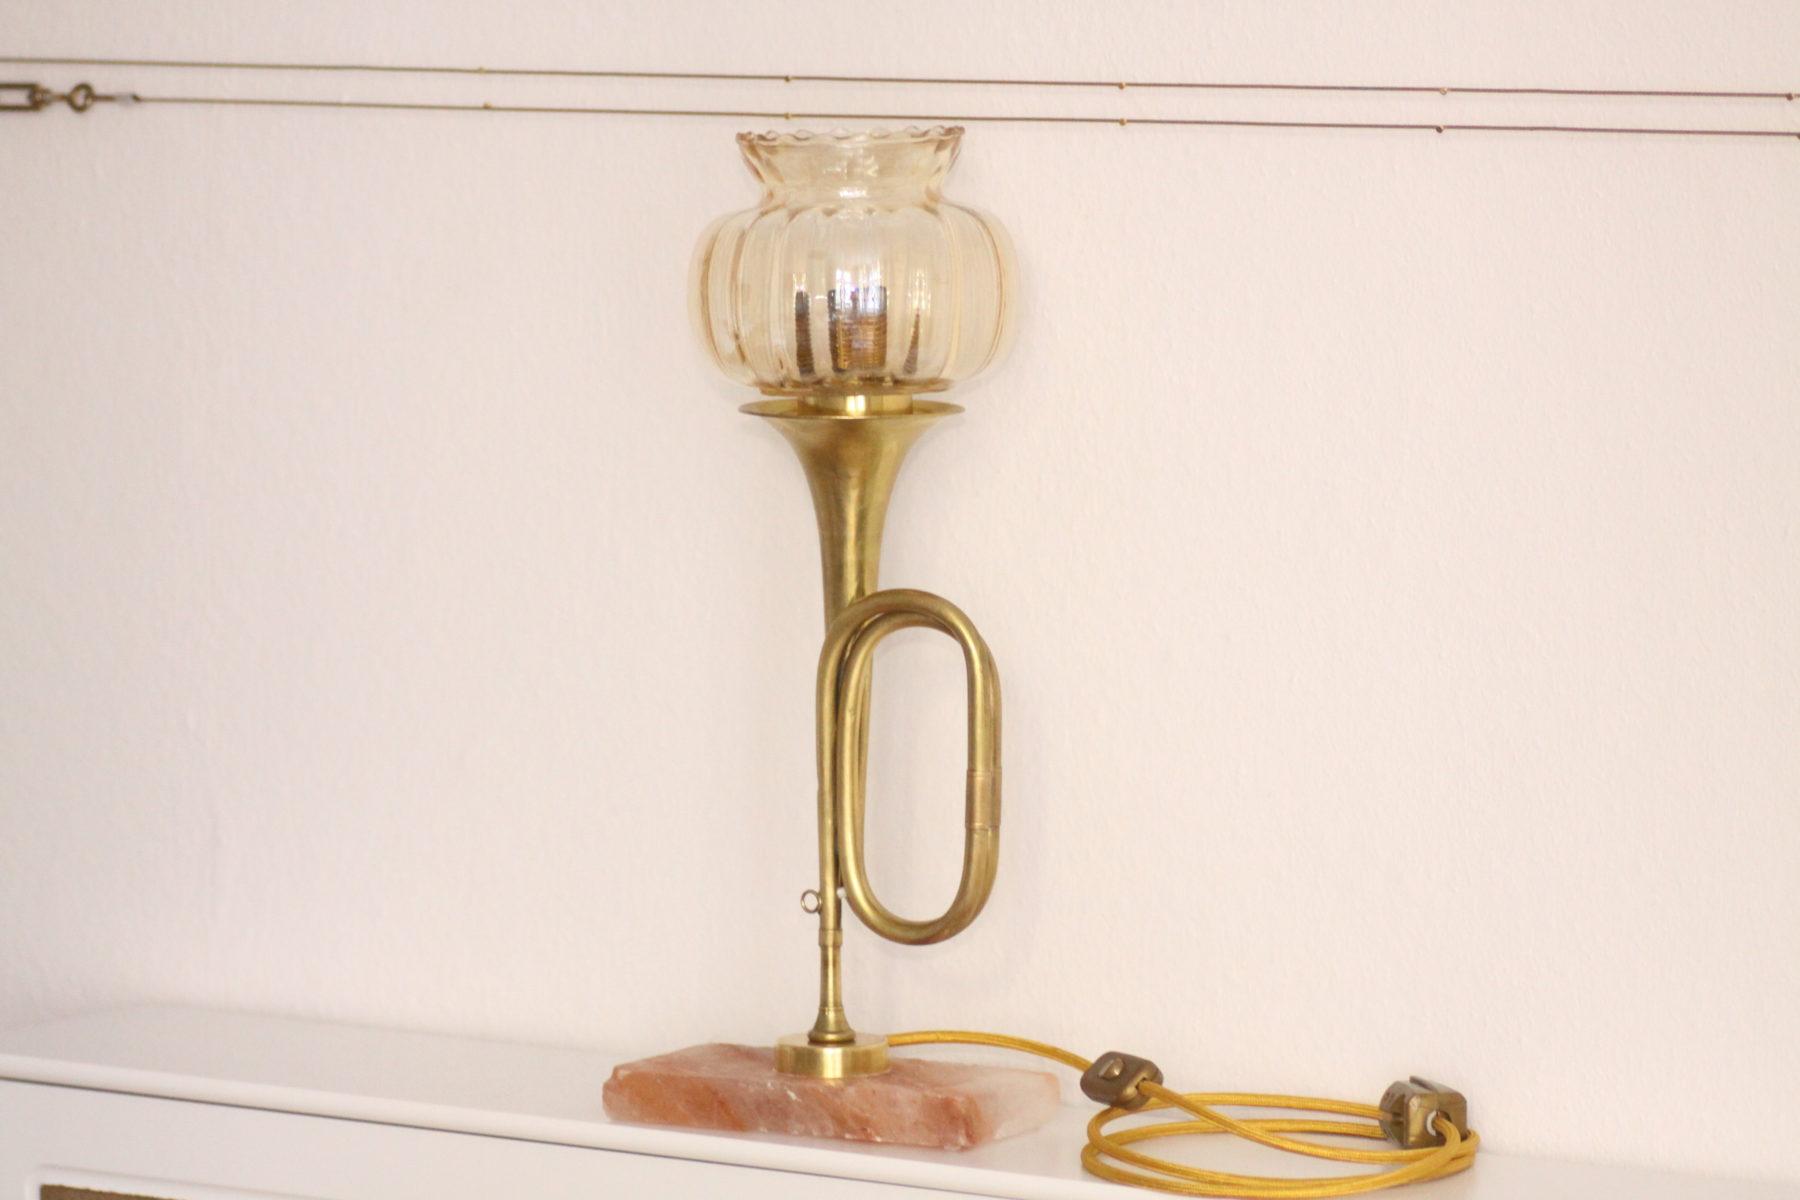 Signalhorn Lampe Design Tischleuchte Trompetenlampe Einzelstück #003b